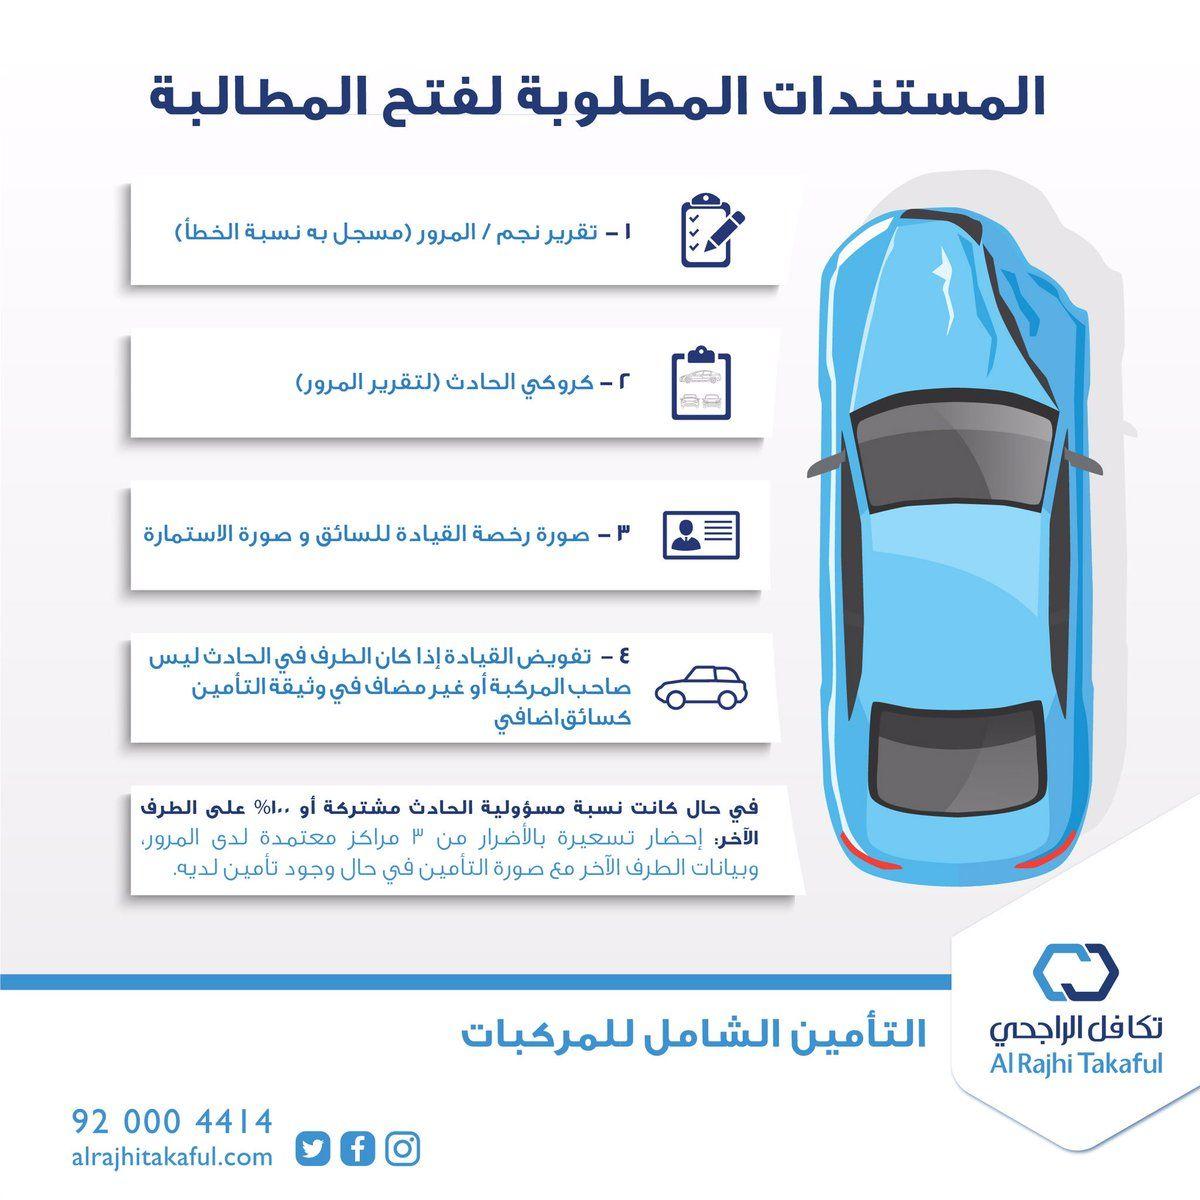 تكافل الراجحي تأمين سيارات